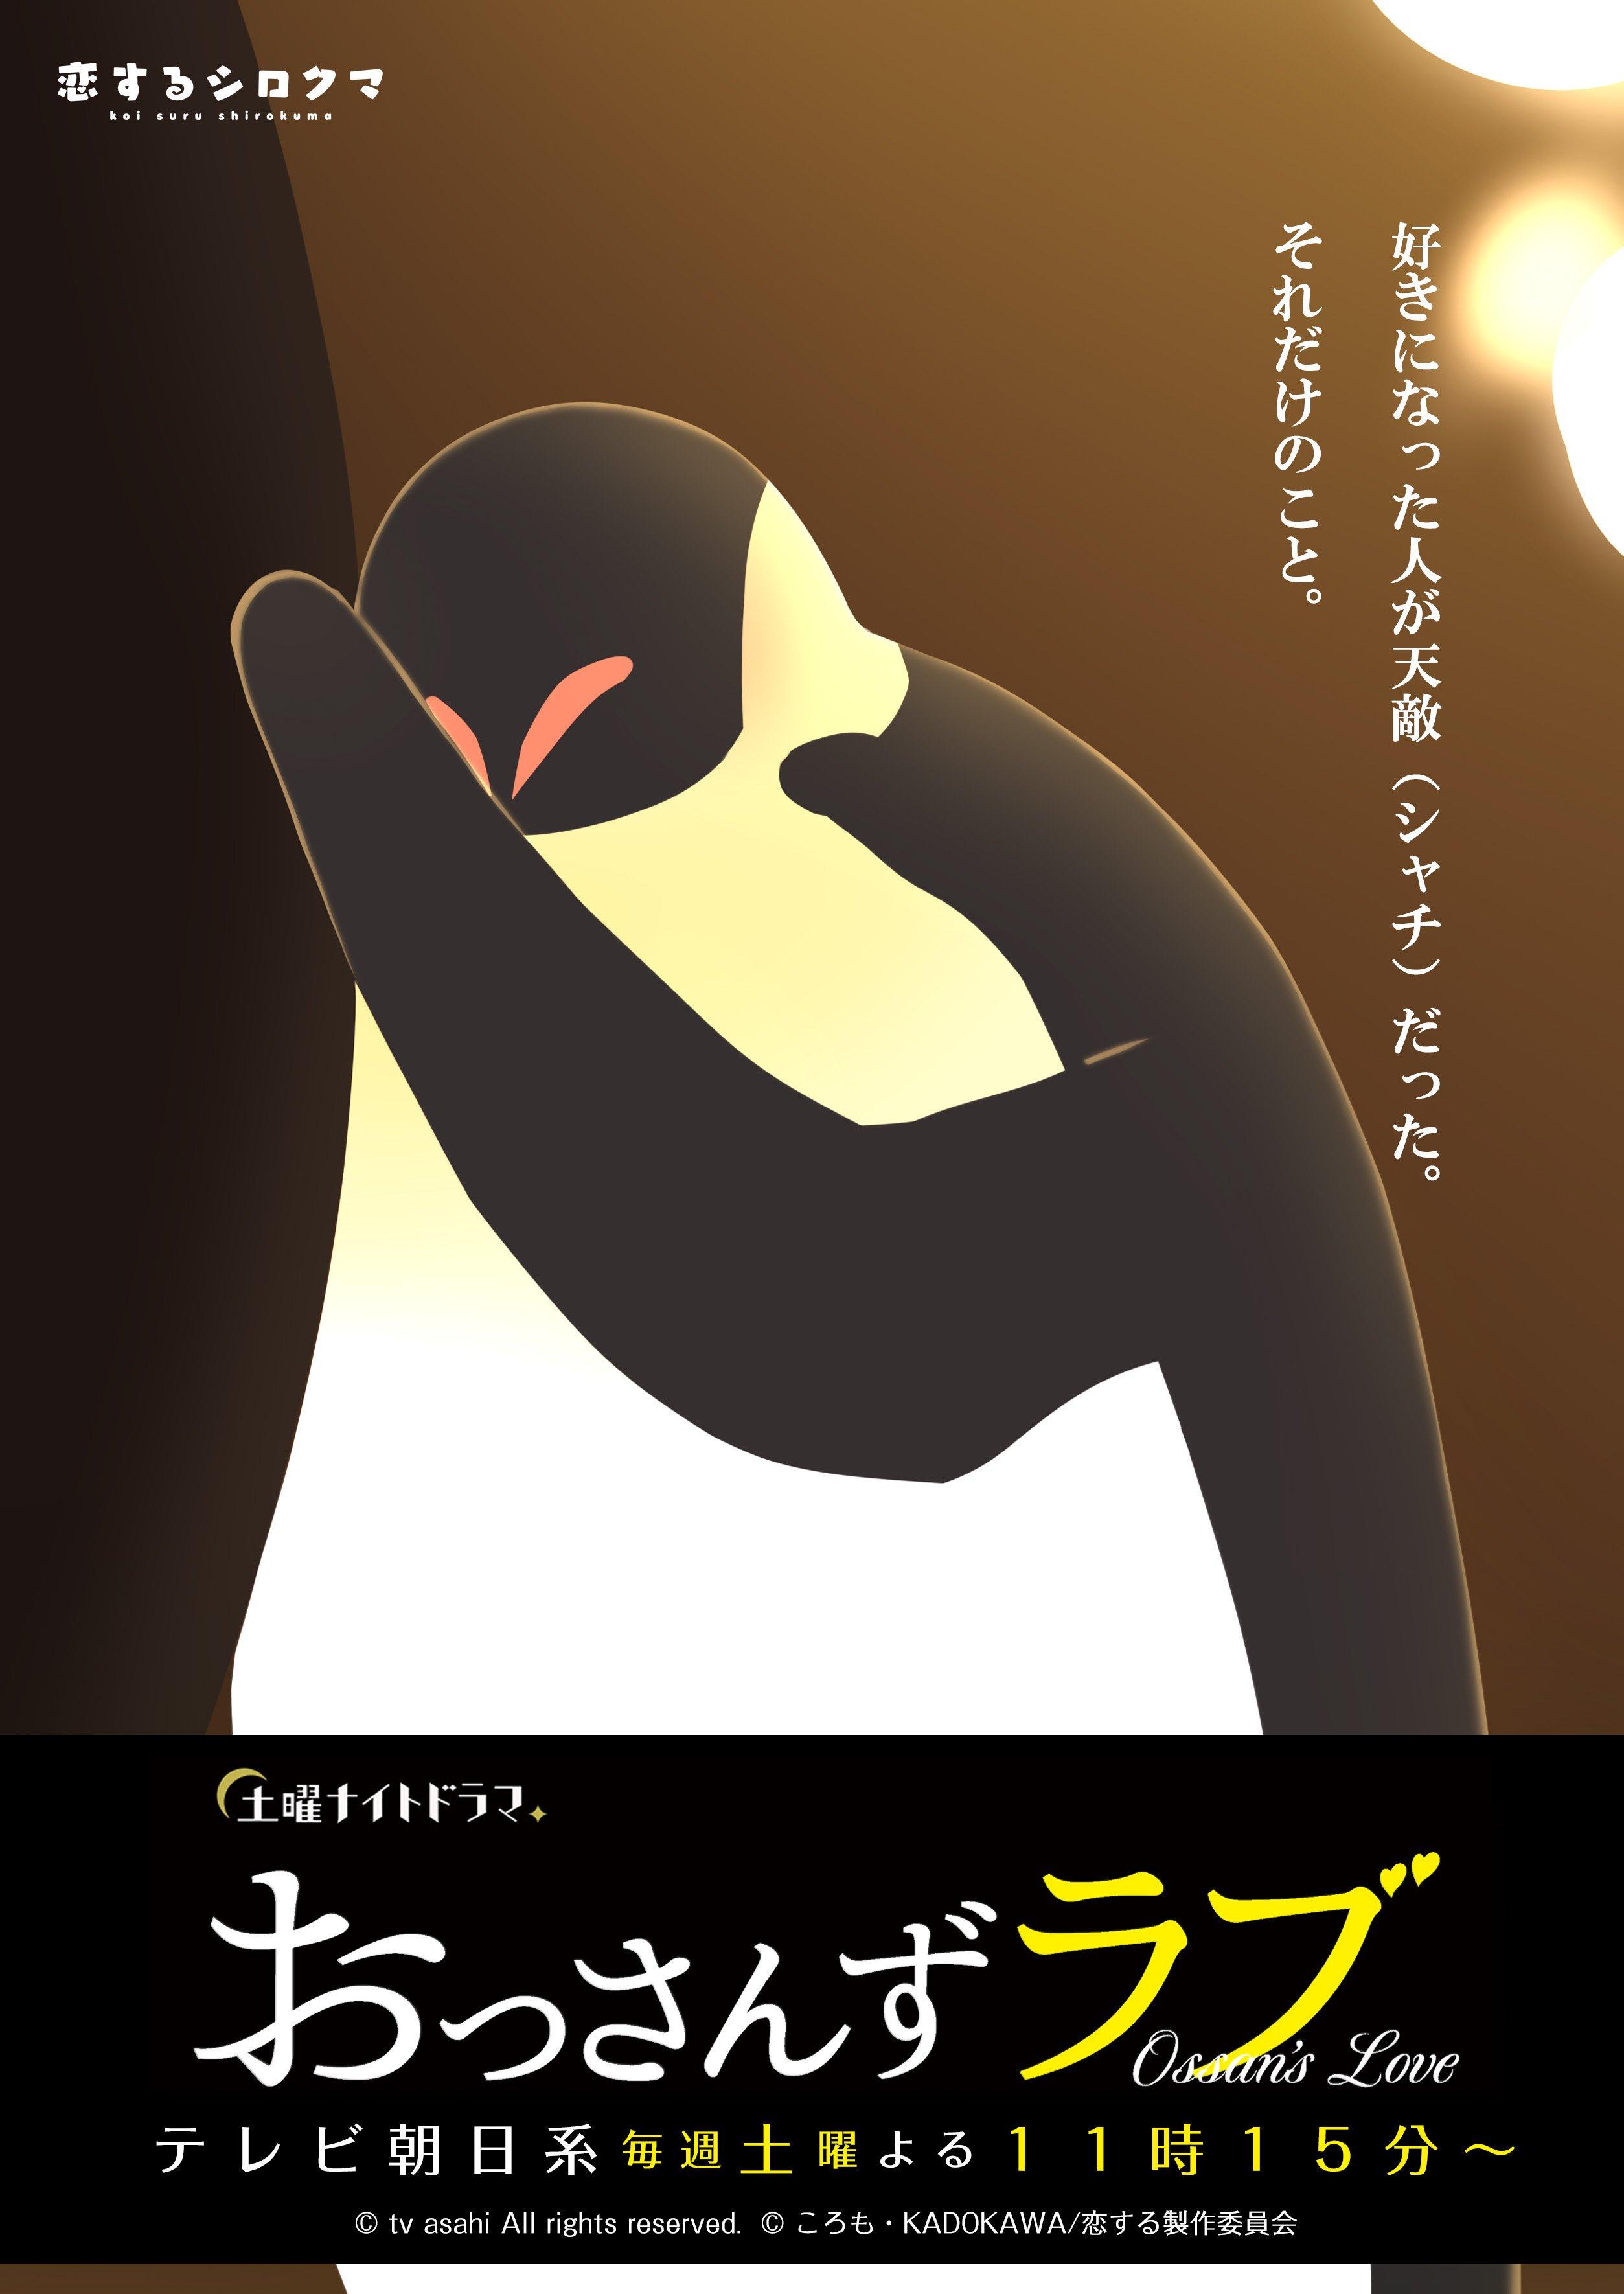 最终回纪念!日剧《大叔的爱》与《恋爱白熊》联动视觉图公开-ANICOGA